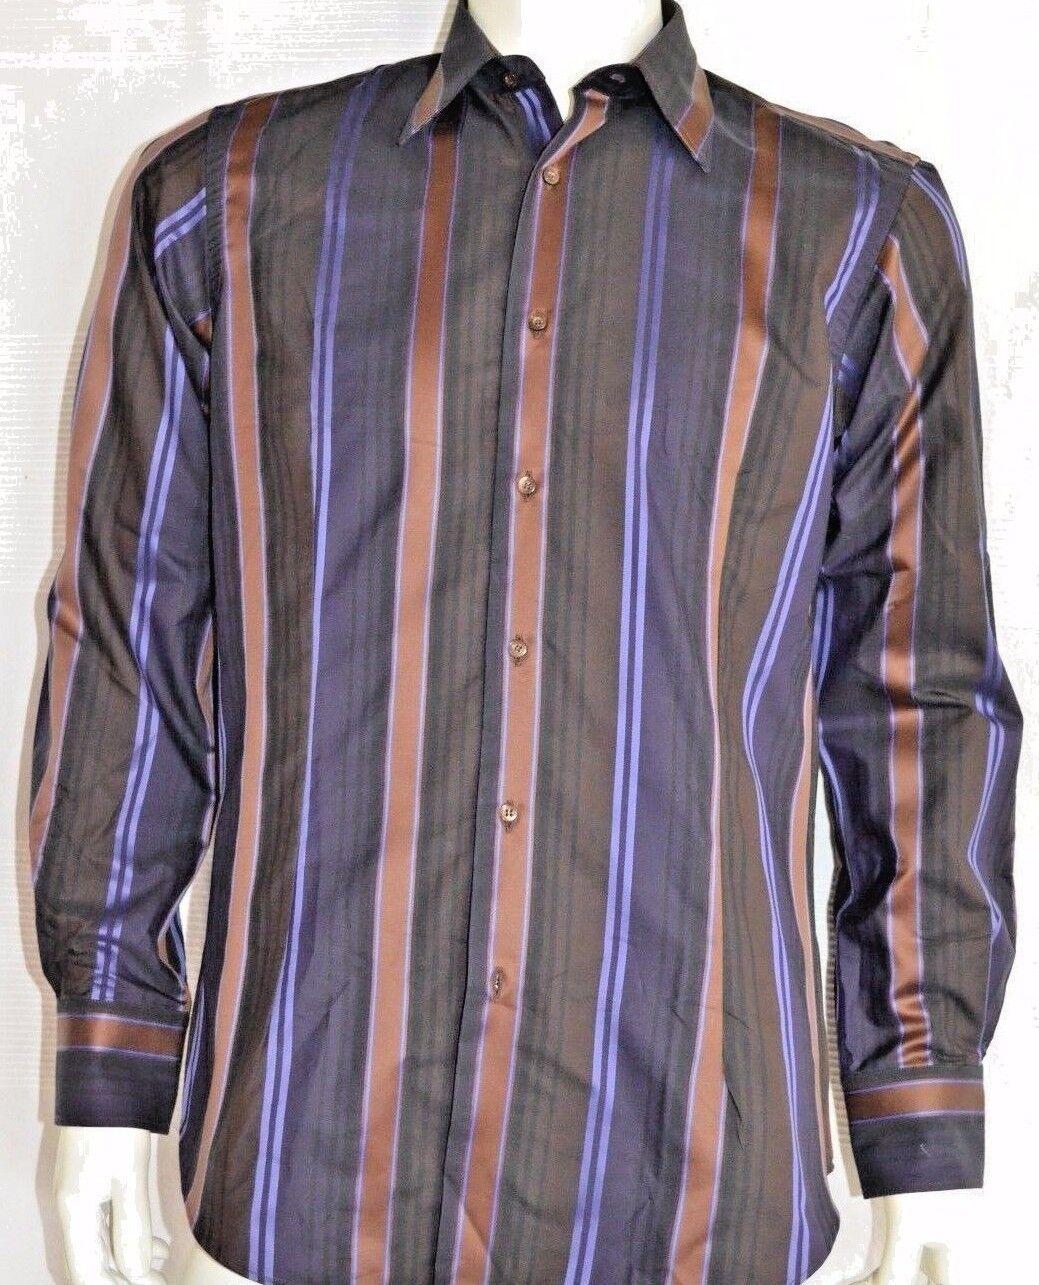 NEU   ETRO MILANO chemise COUTURE Hemd mens shirt 39 neu  NEW Baumwolle